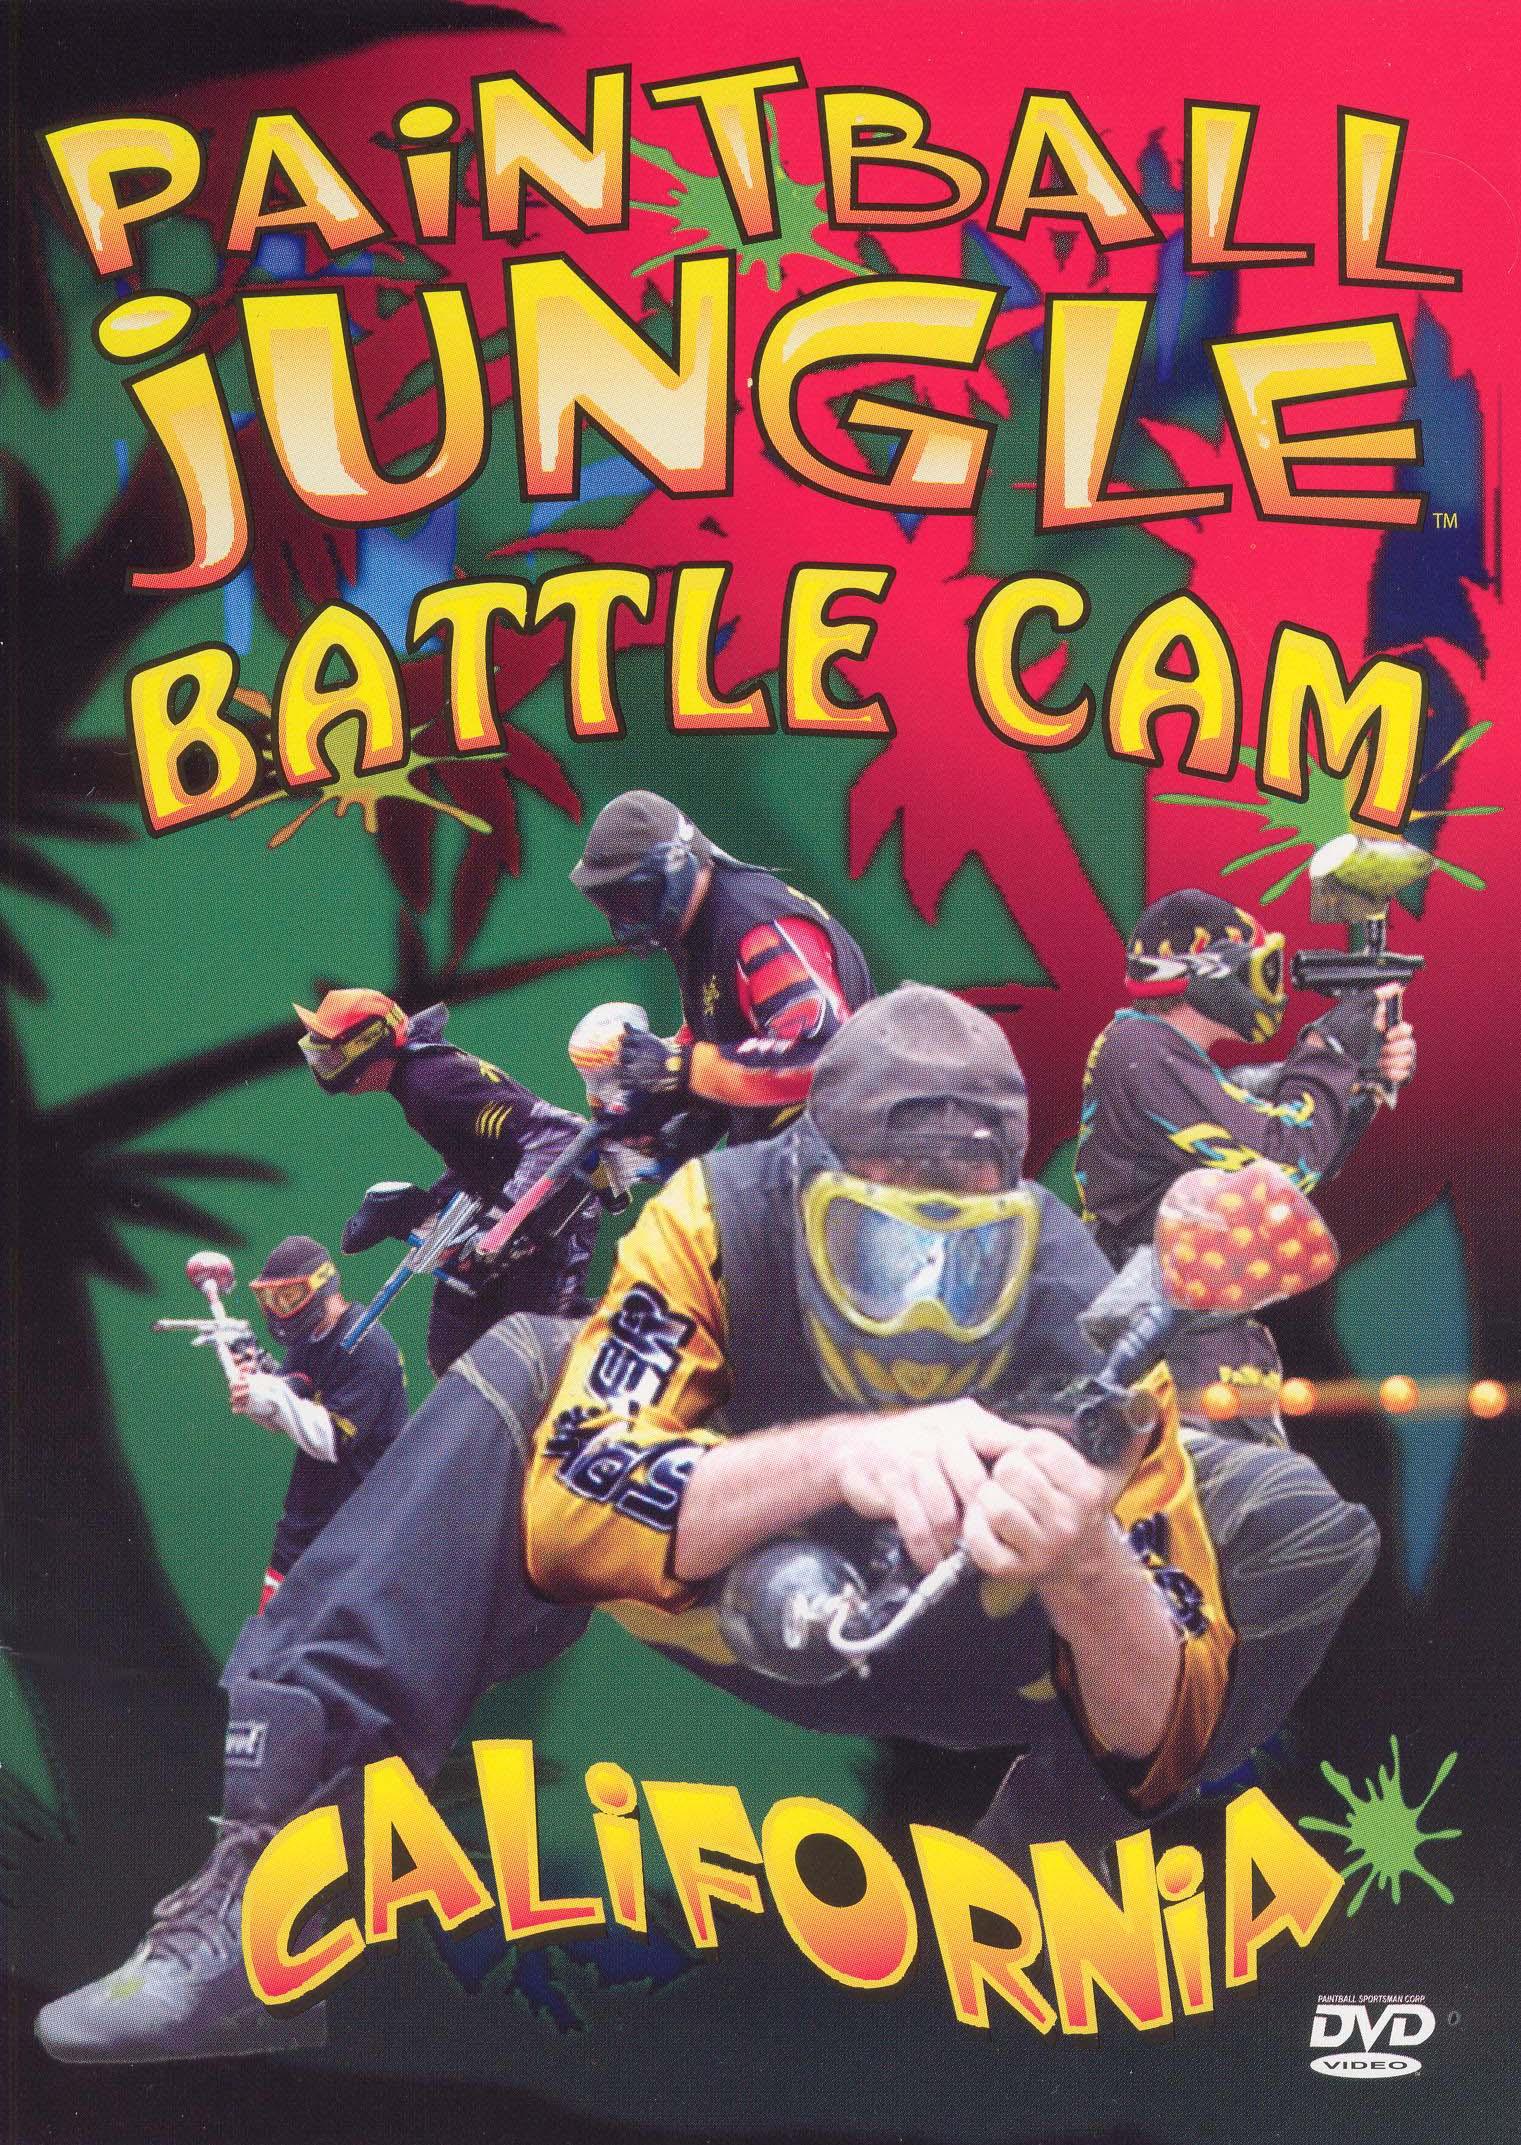 Paintball Jungle Battle Cam